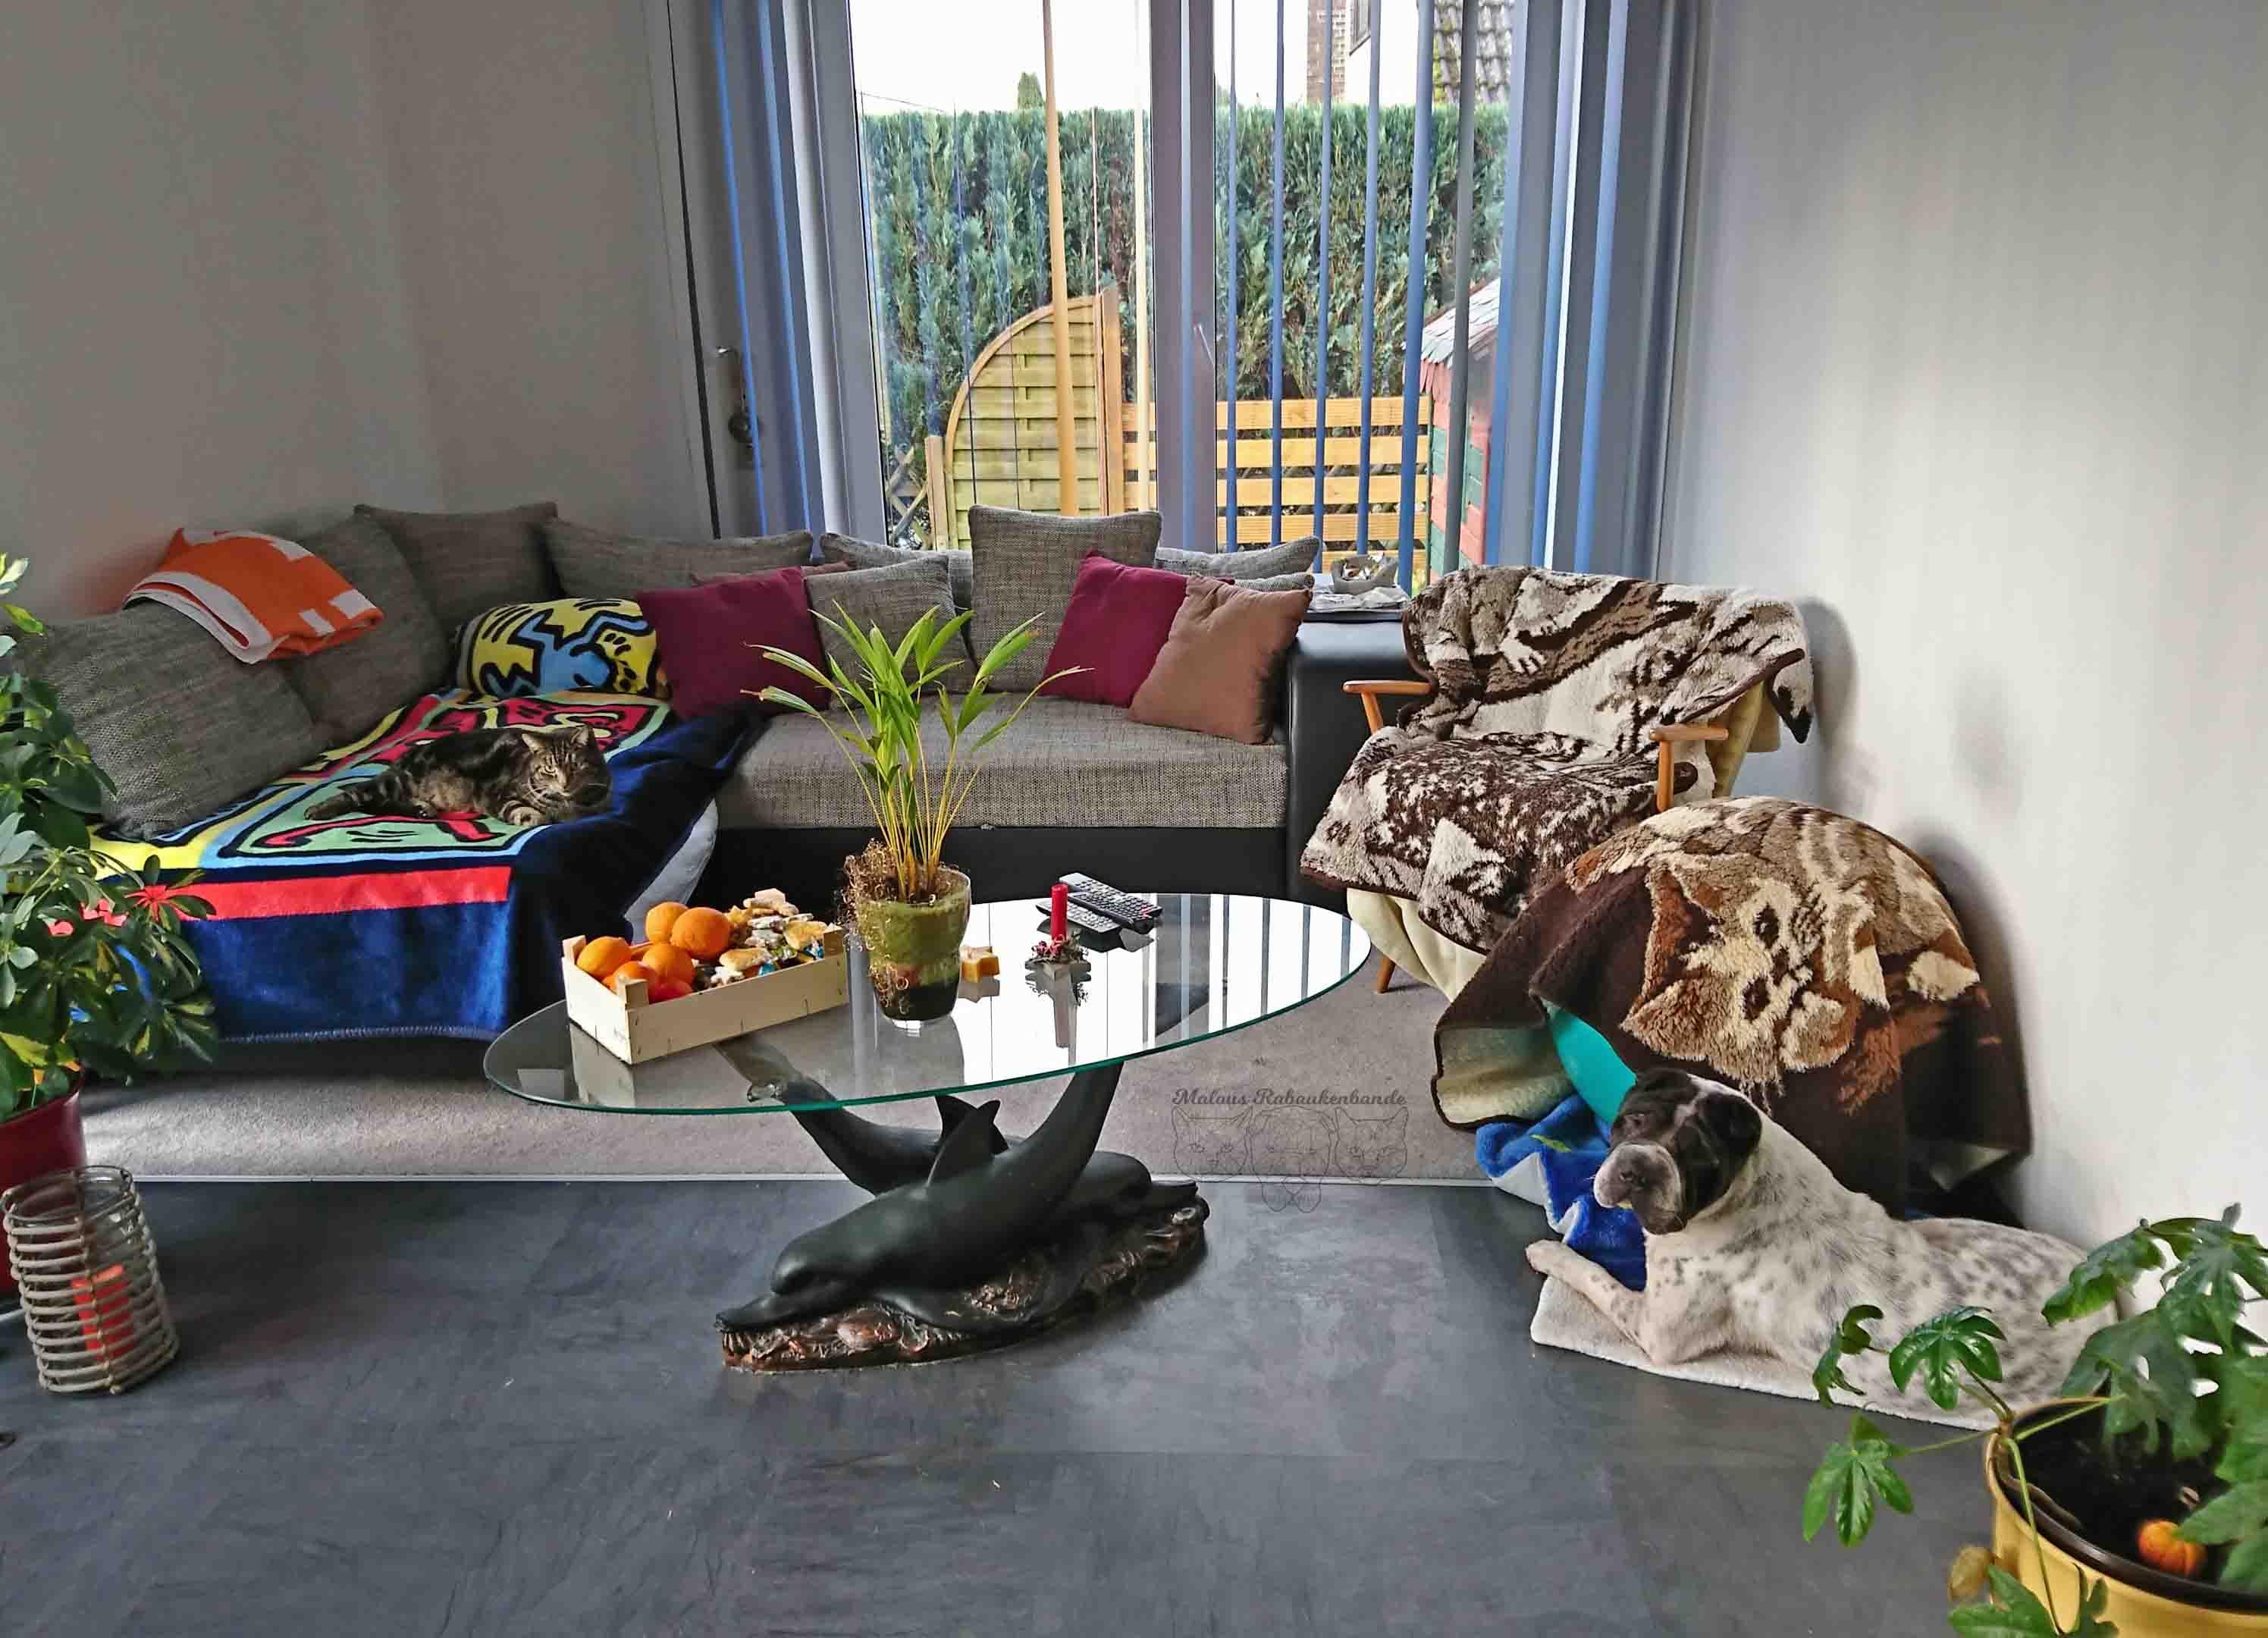 Dezember Tagebuch Hundeblog Hund Shar Pei Kingston Rabaukenbande Weihnachten Katze Kater Blog Freundschaft Vergesellschaftung